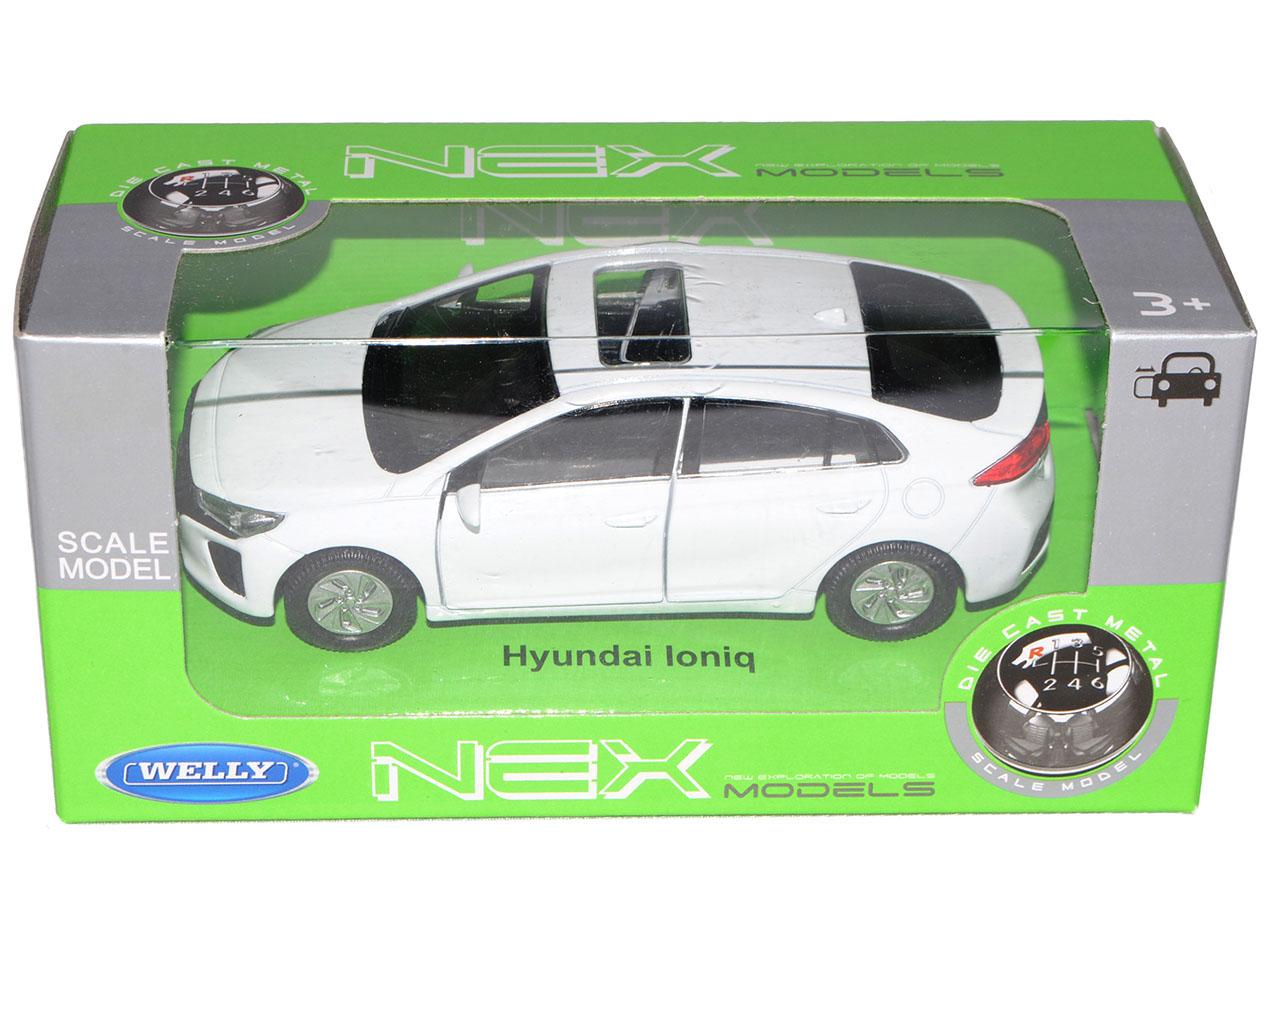 Hyundai-Ioniq-sedan-blanco-de-welly-2016-ca-1-43-1-36-1-46-modelo-de-coche-con miniatura 8